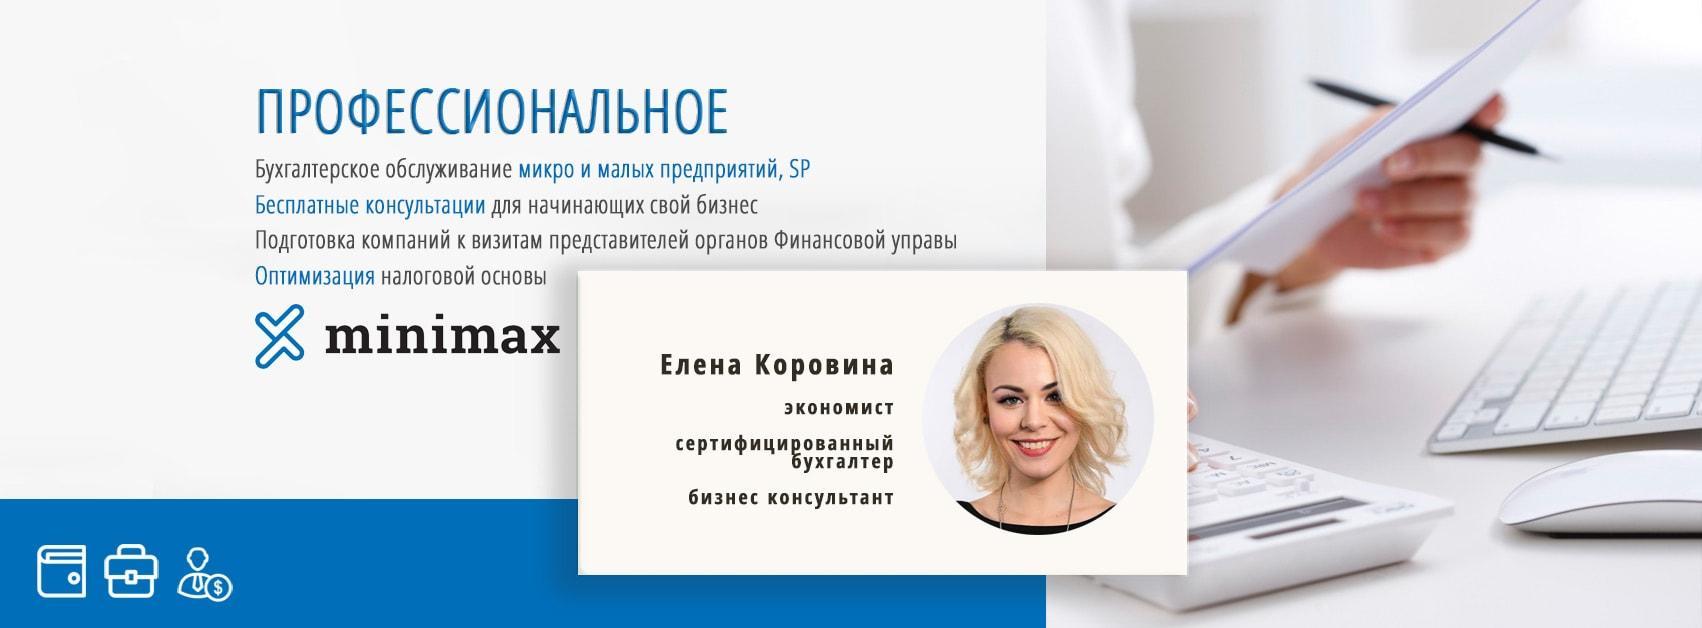 Izdelava slike za profil v Faccebooku